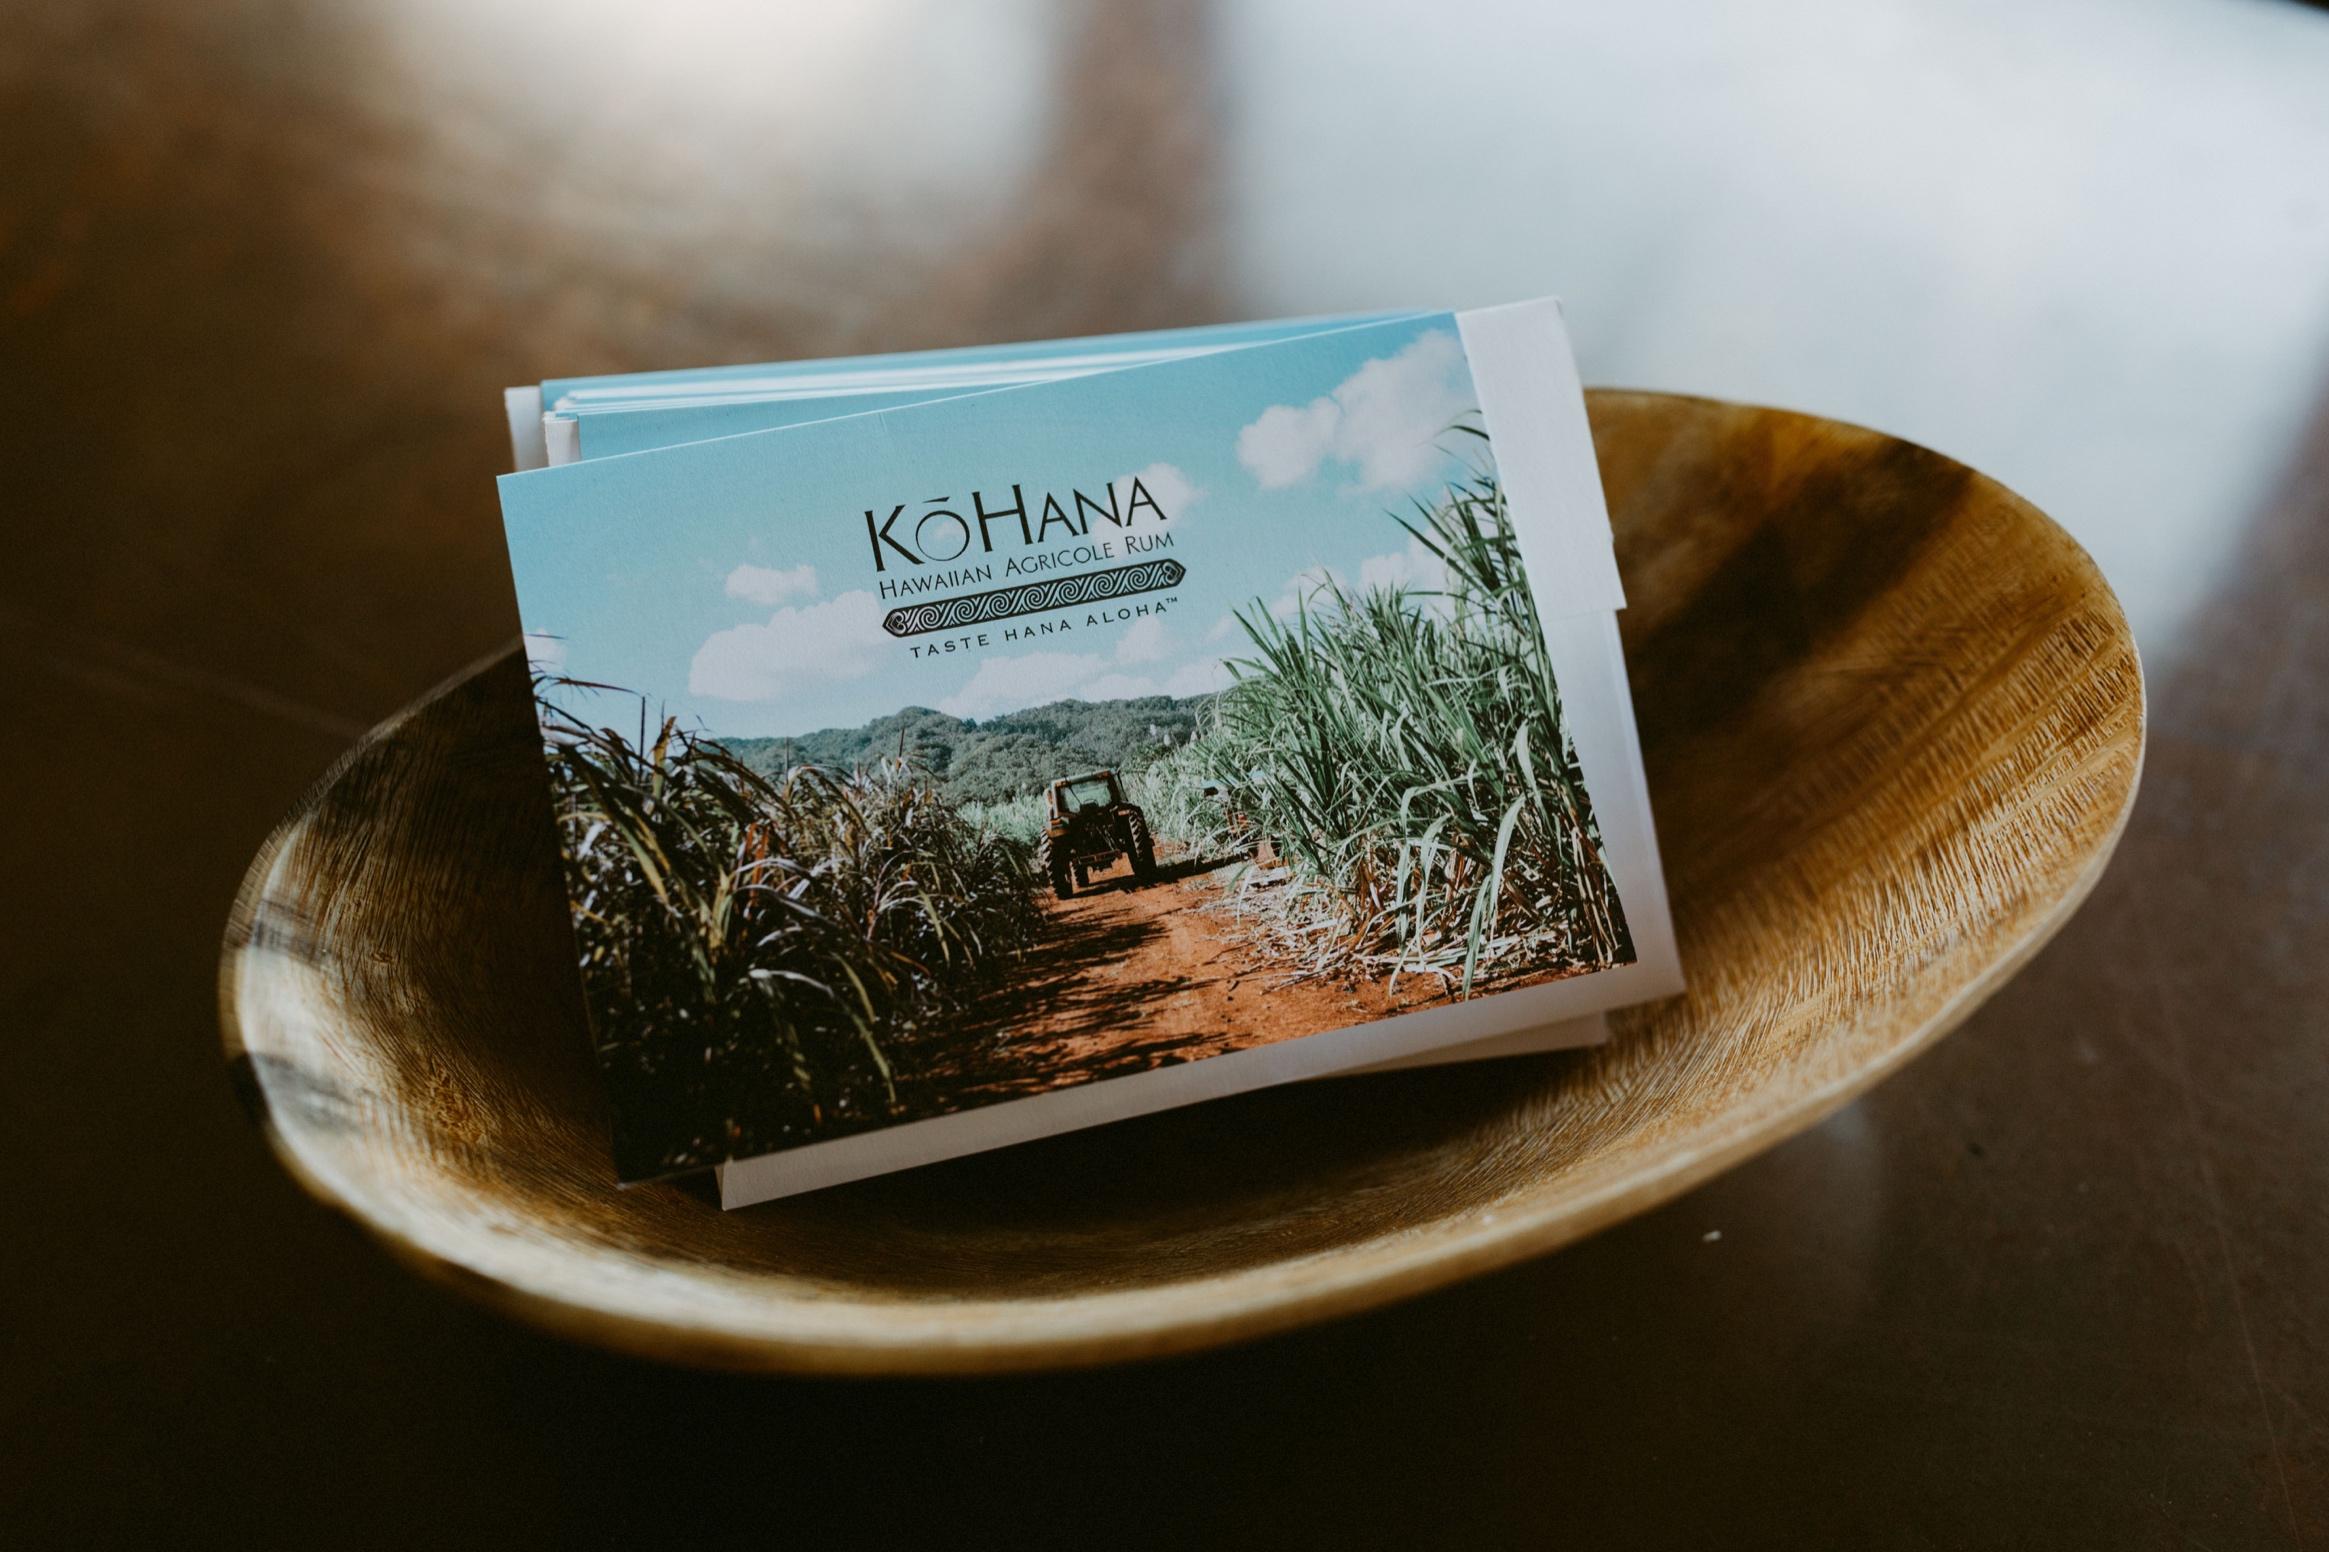 02_Oahu Hawaii Wedding  (2 of 294)_Kohana_Distillers_Hawaii_elopement_Wedding.jpg